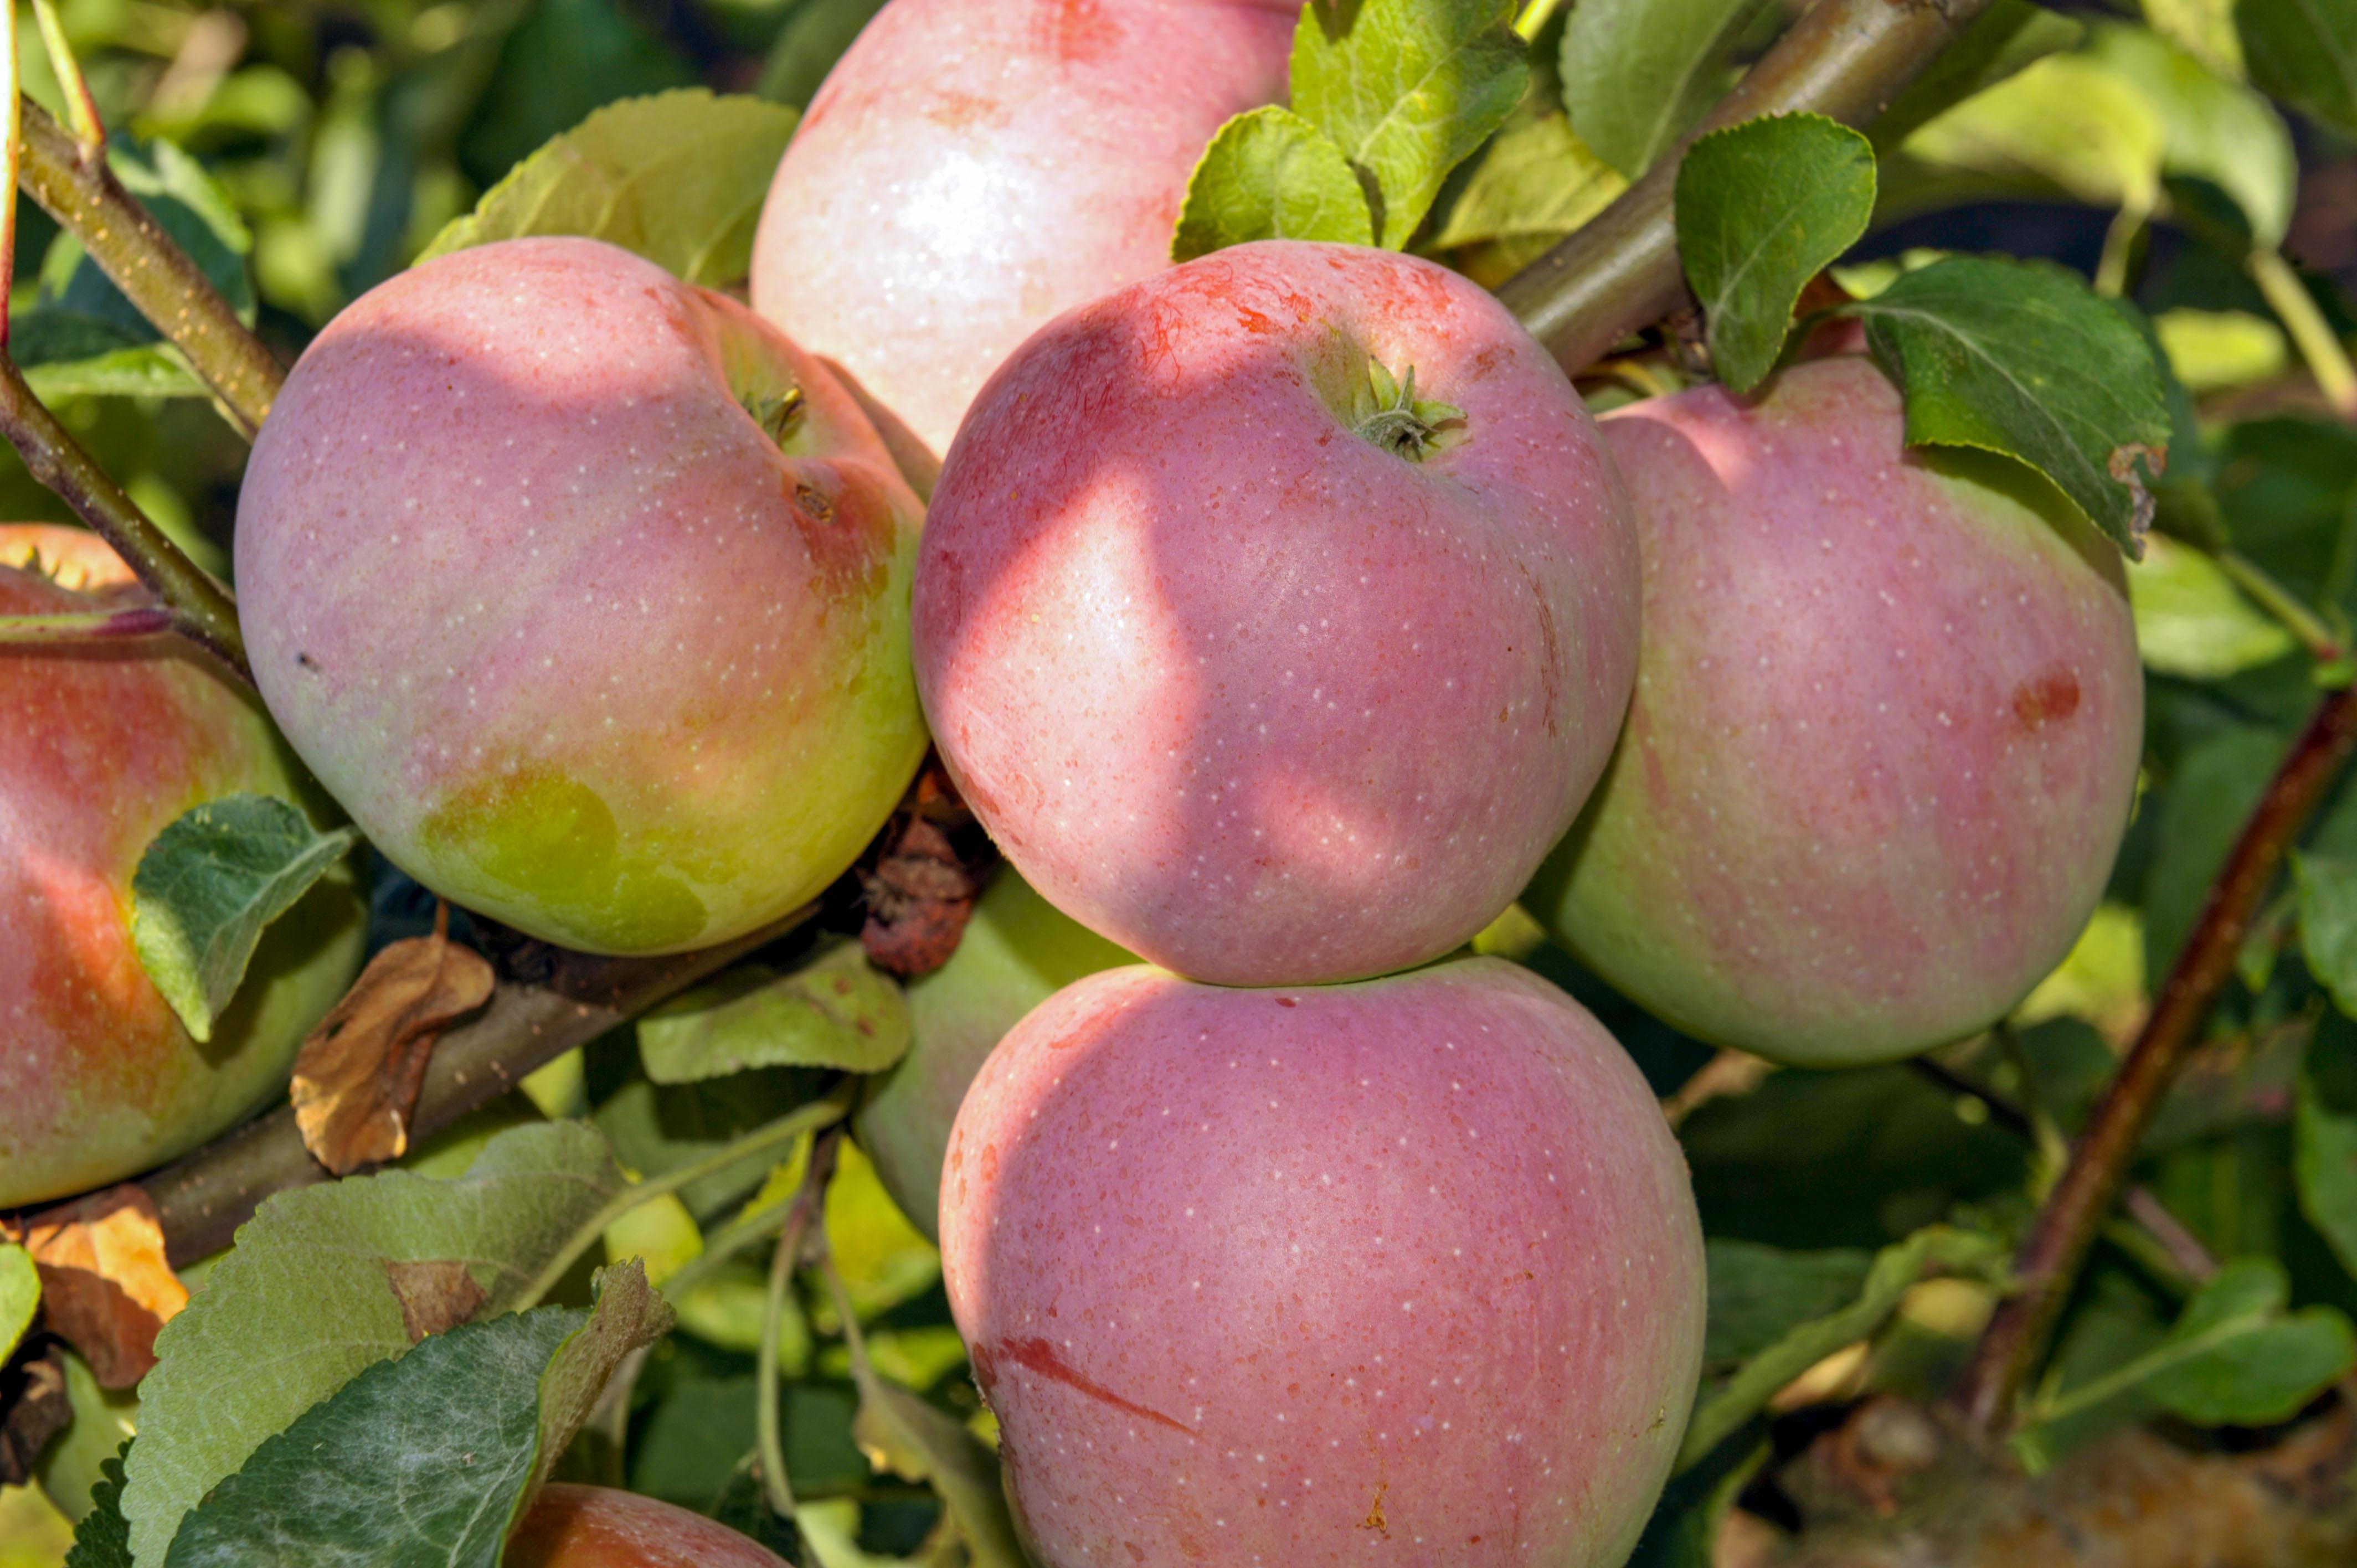 сорта яблок либерти фото и описание будни там очень